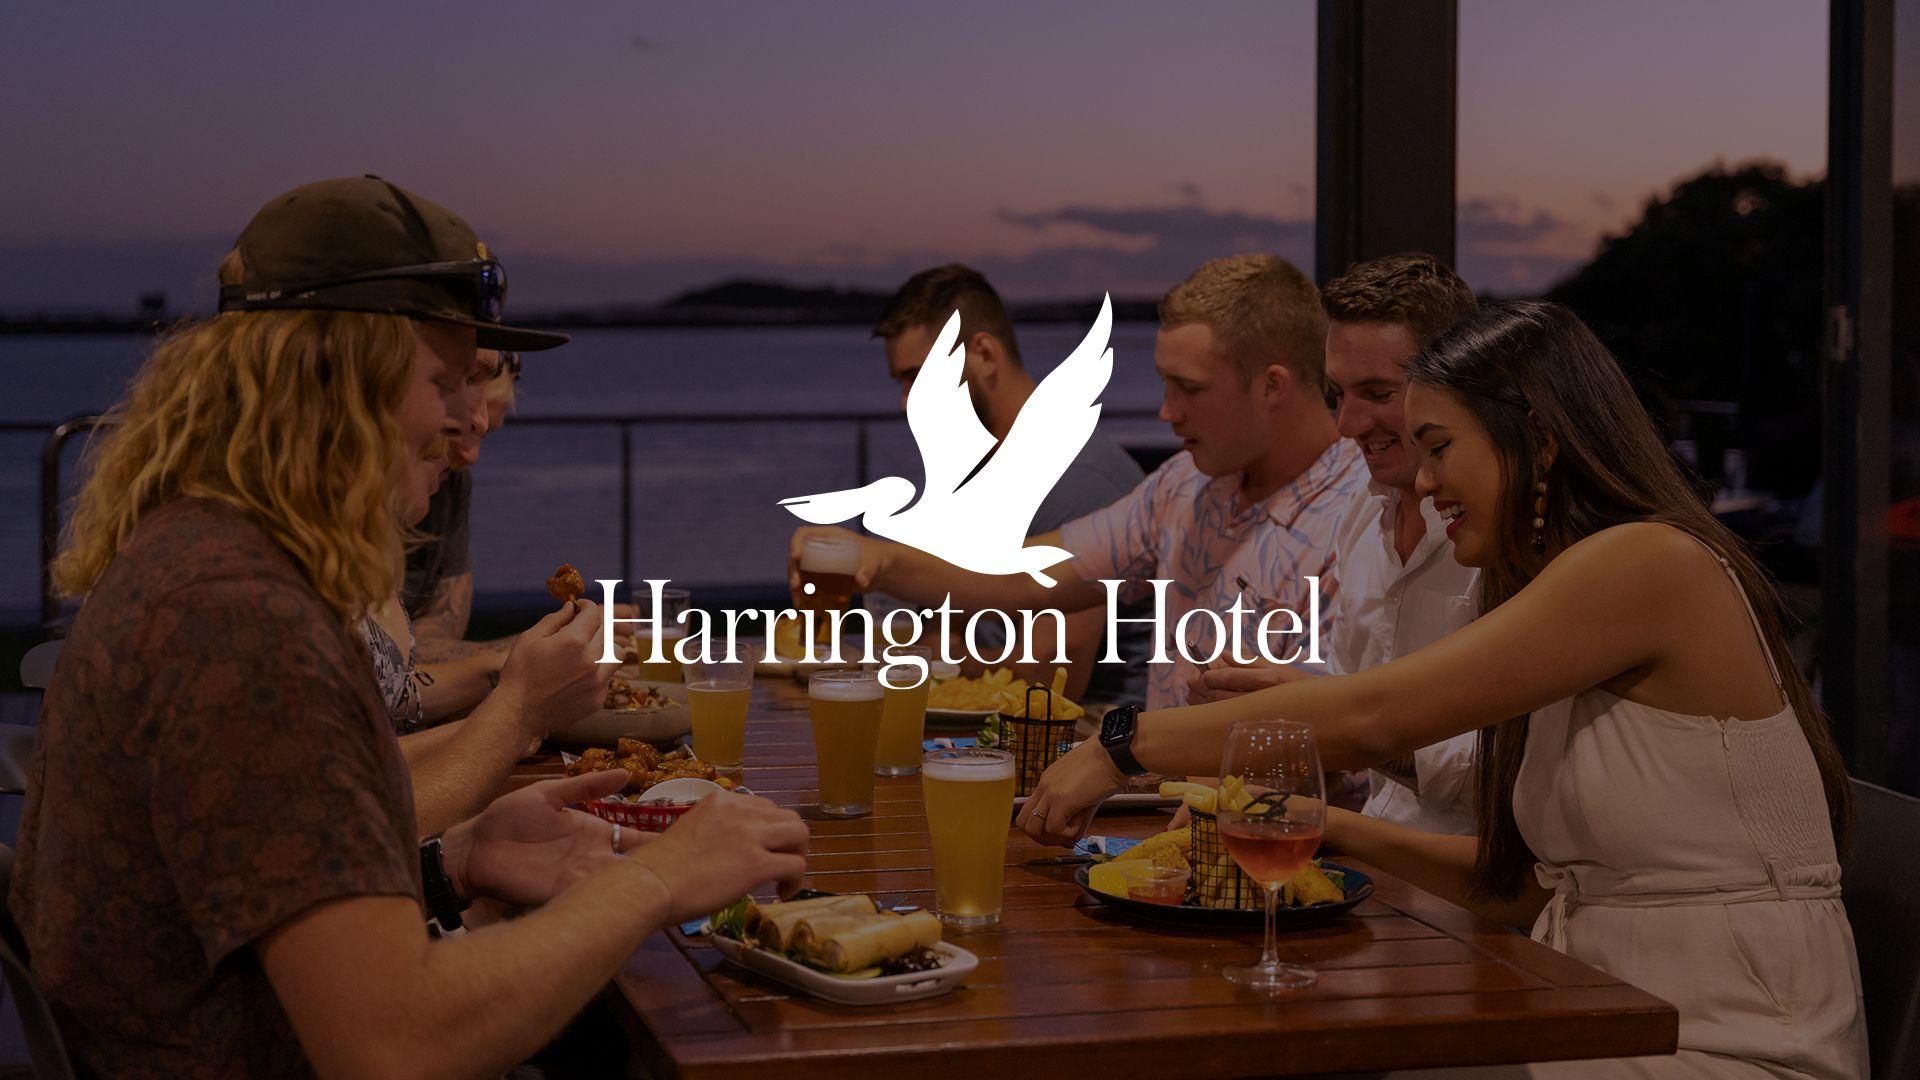 Sun, Surf, Sanity and The Harrington Hotel